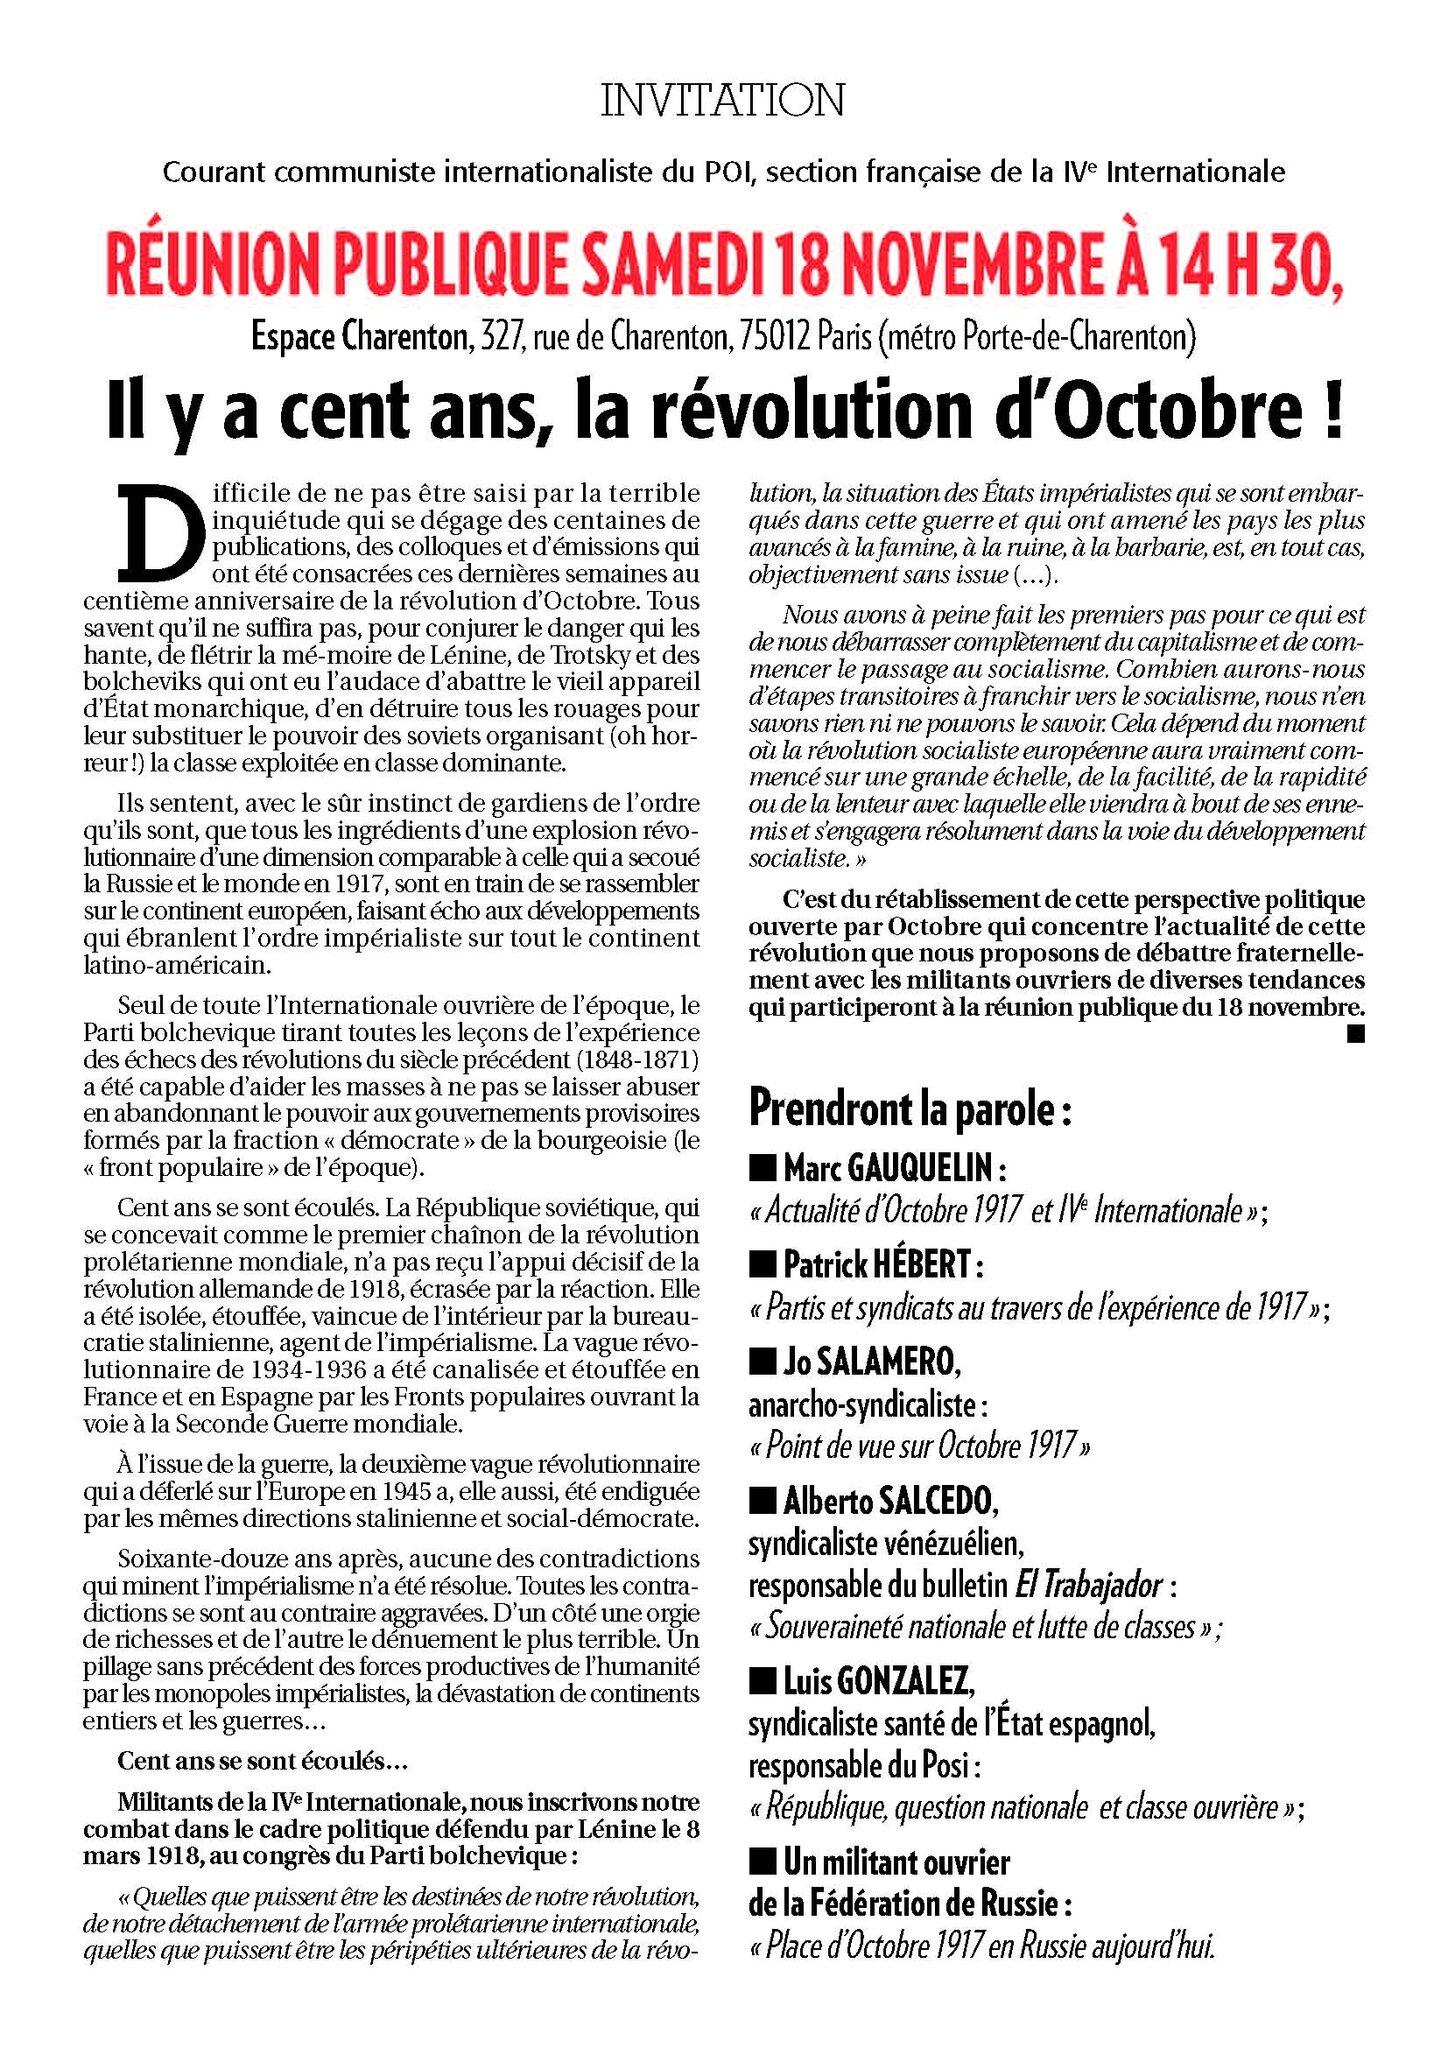 Un autre point de vue face aux médias qui dénaturent octobre 17